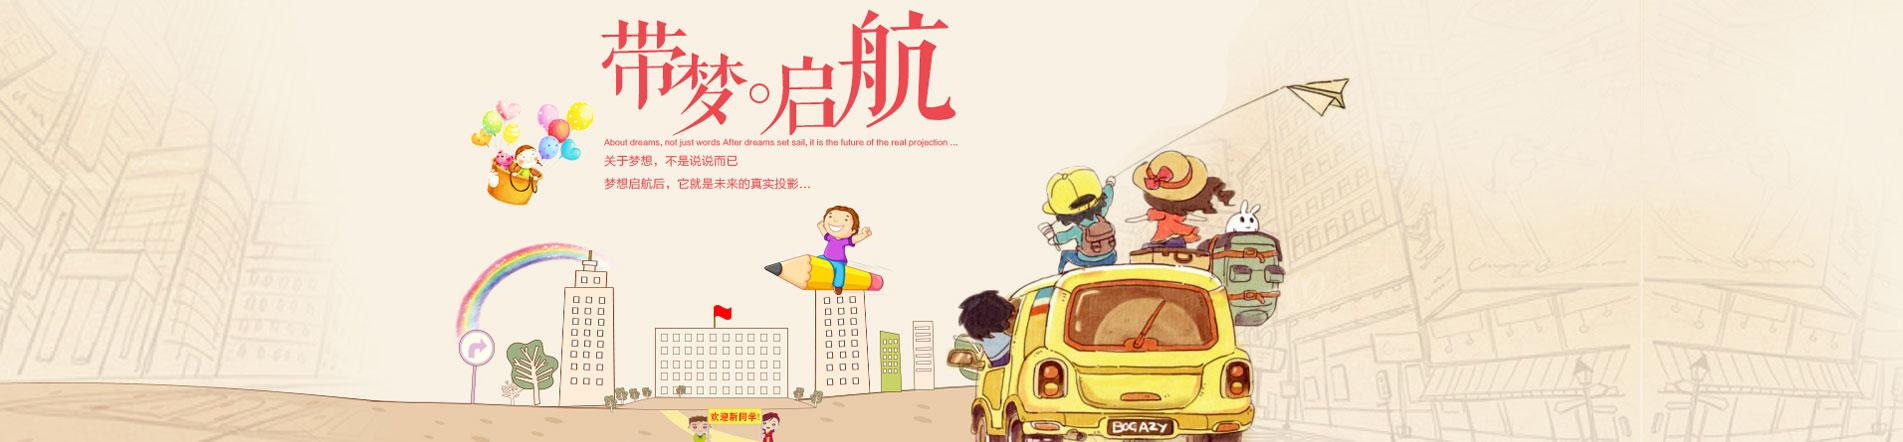 重庆时代韦博英语